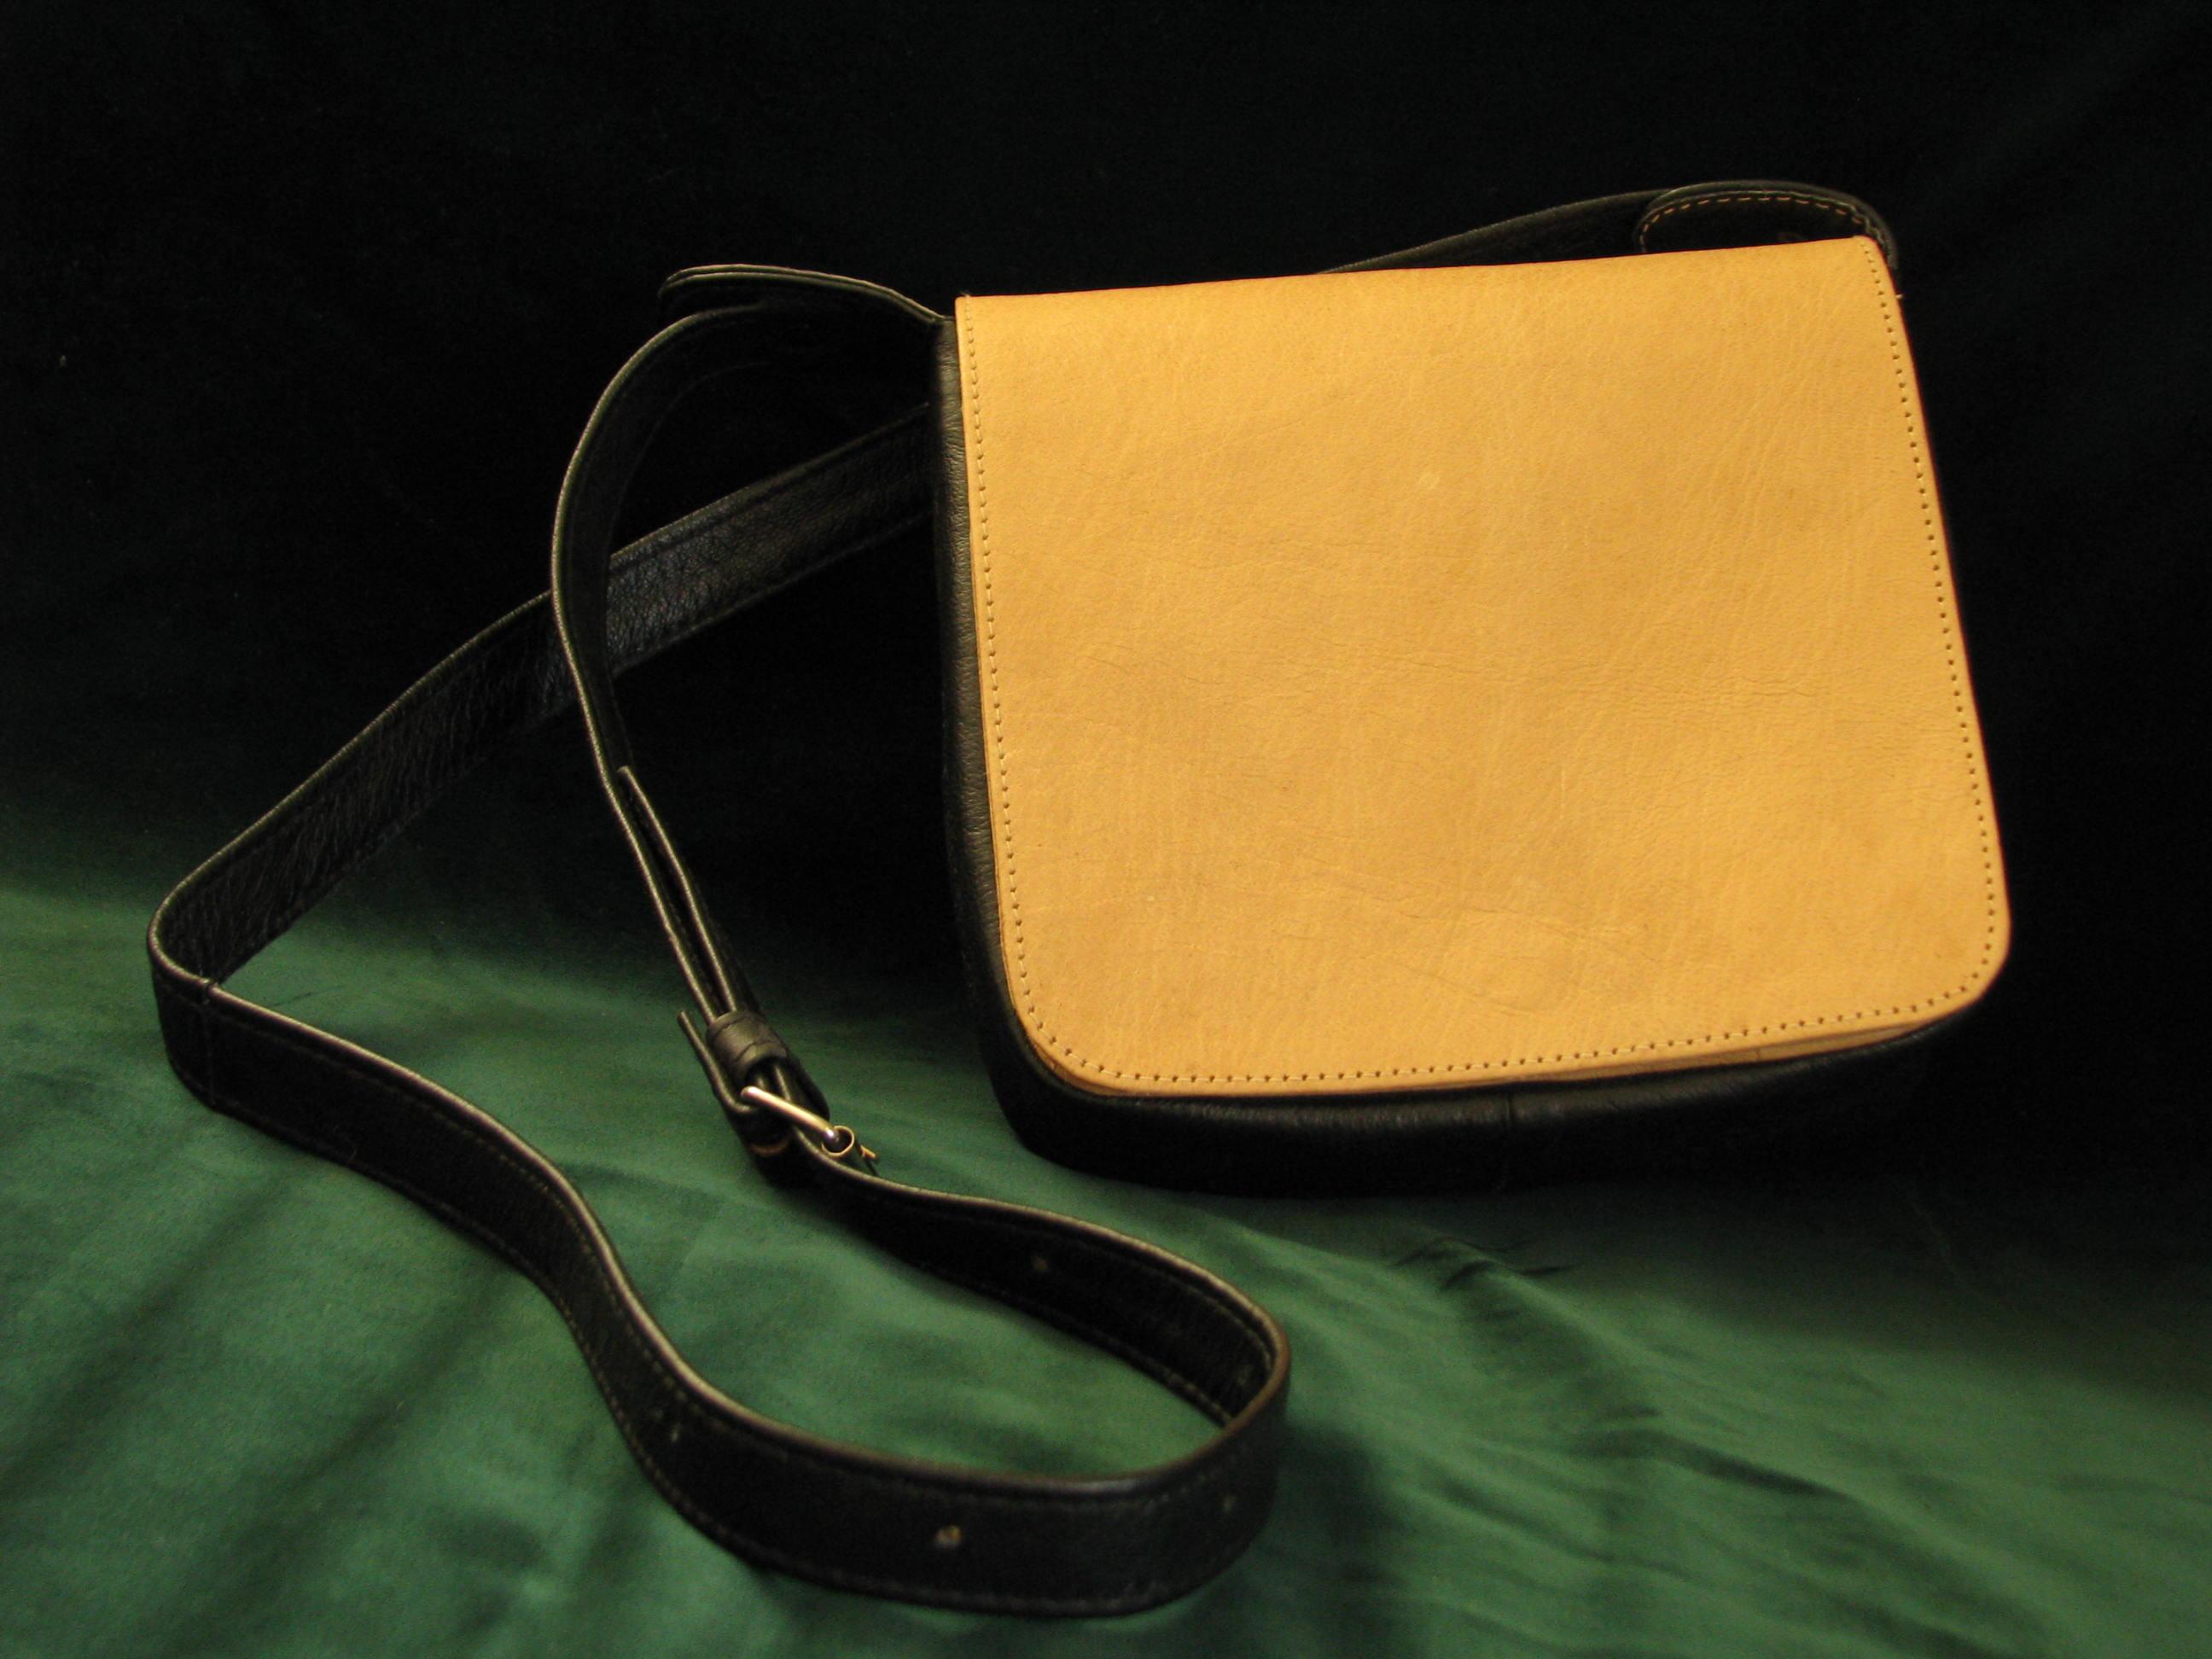 Gundara - Nigora - Lederhandtasche - kleine Schultertasche aus Echtleder - fair